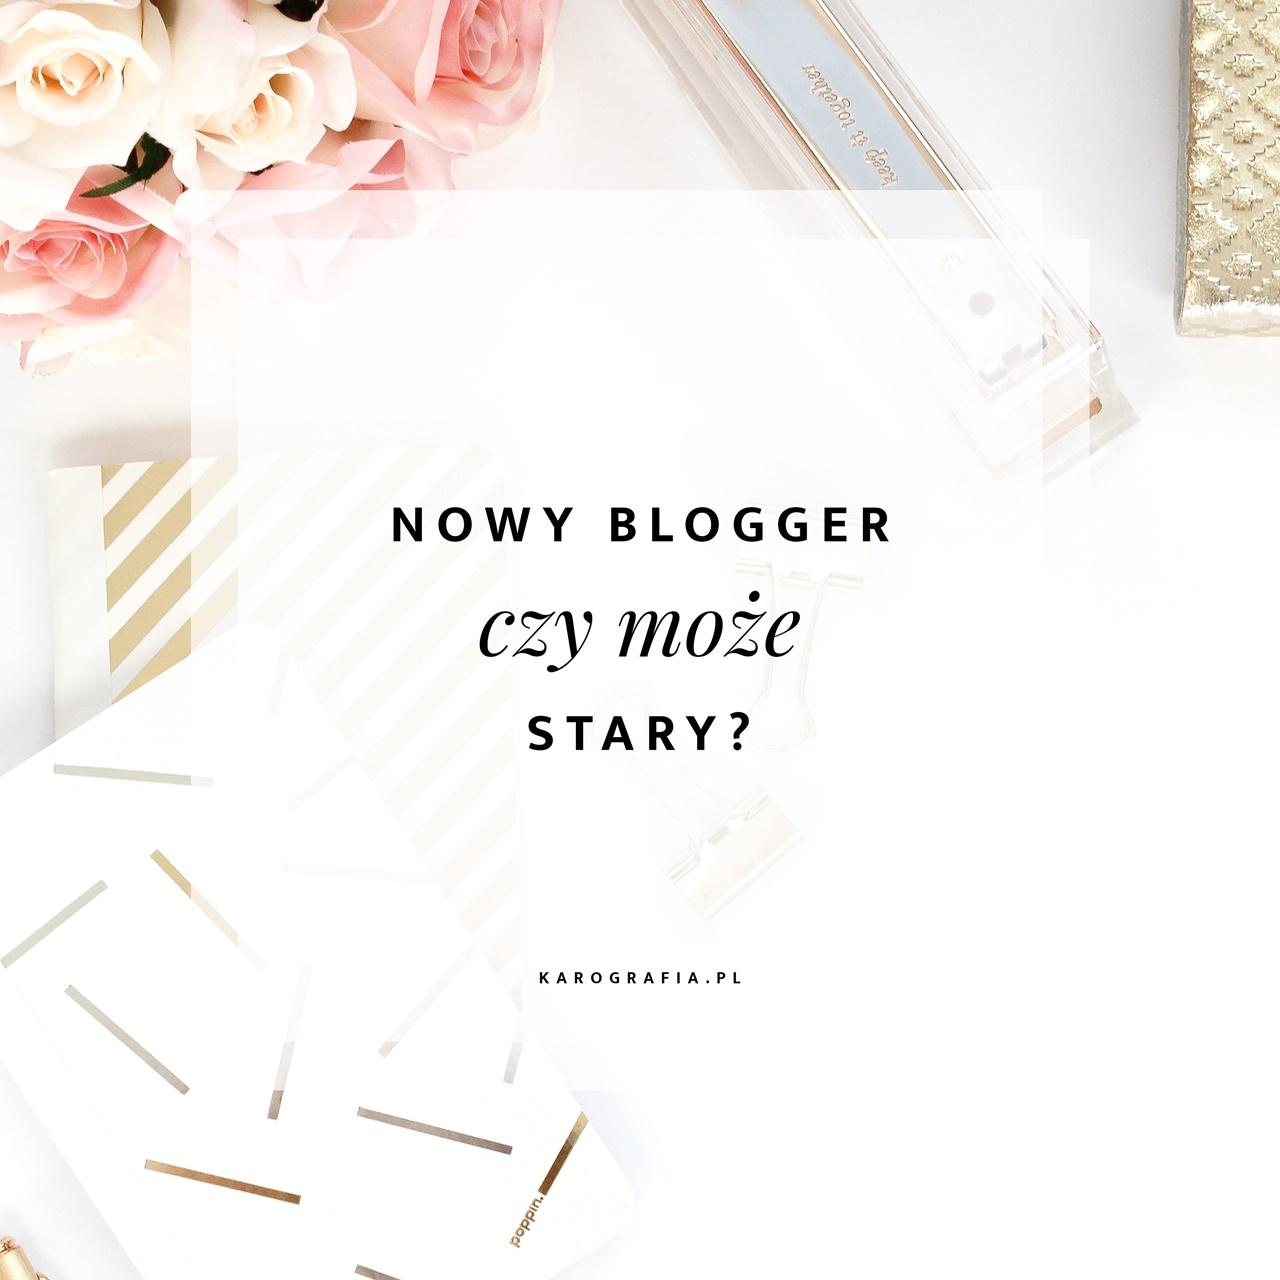 Tak, możesz wrócić do starej wersji bloggera! Ale...